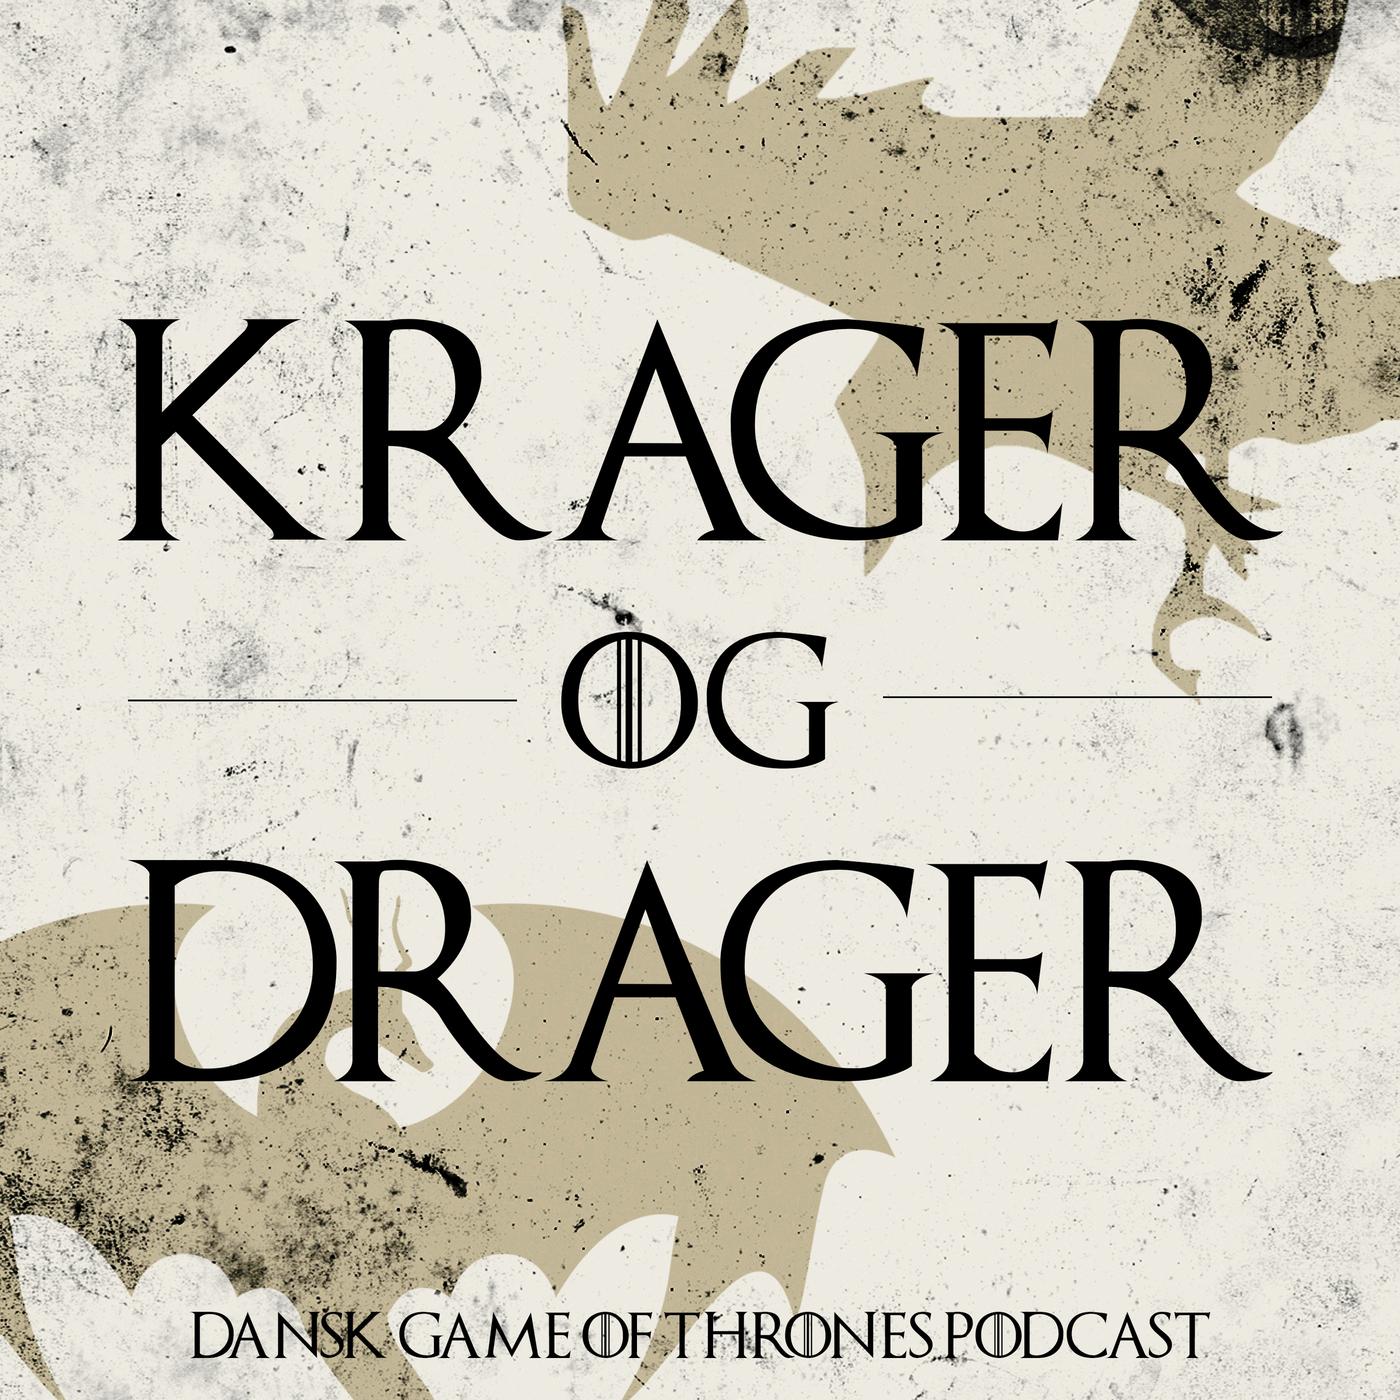 Krager og Drager - Dansk Game of Thrones Podcast 7: S07E06 - Beyond the Wall